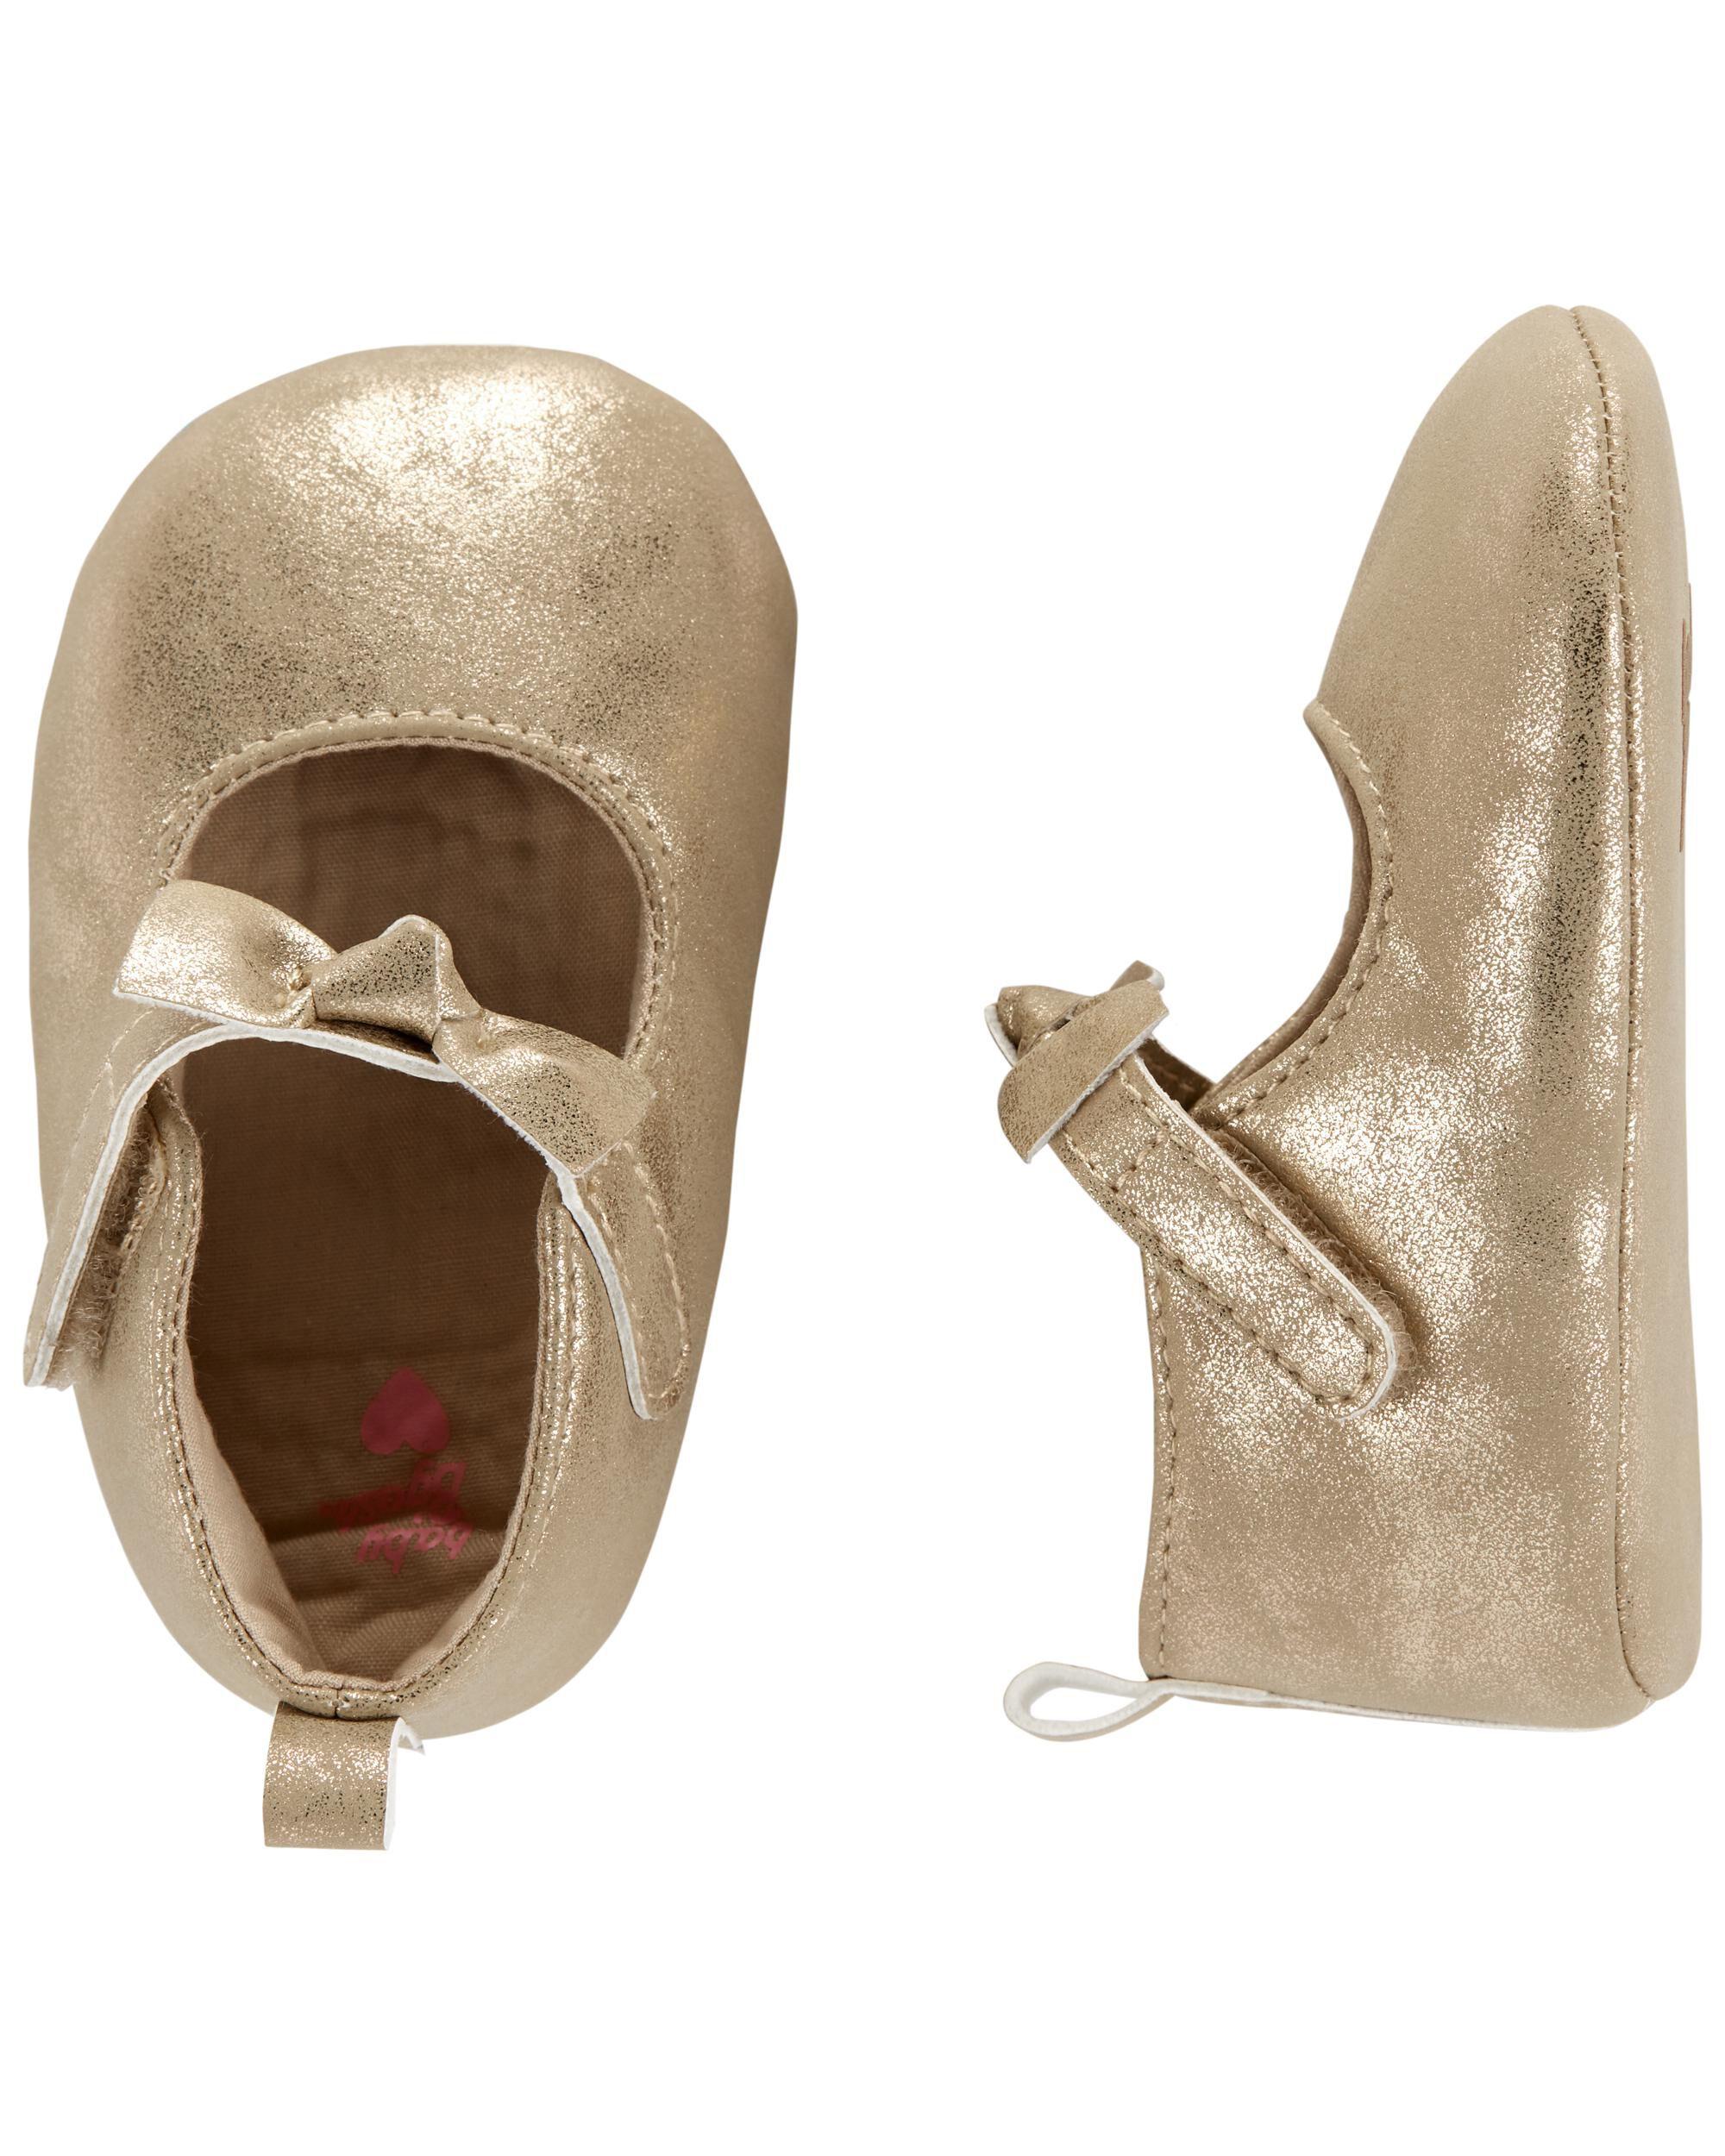 Oshkoshbgosh Gold Bow Mary Jane Baby Shoes